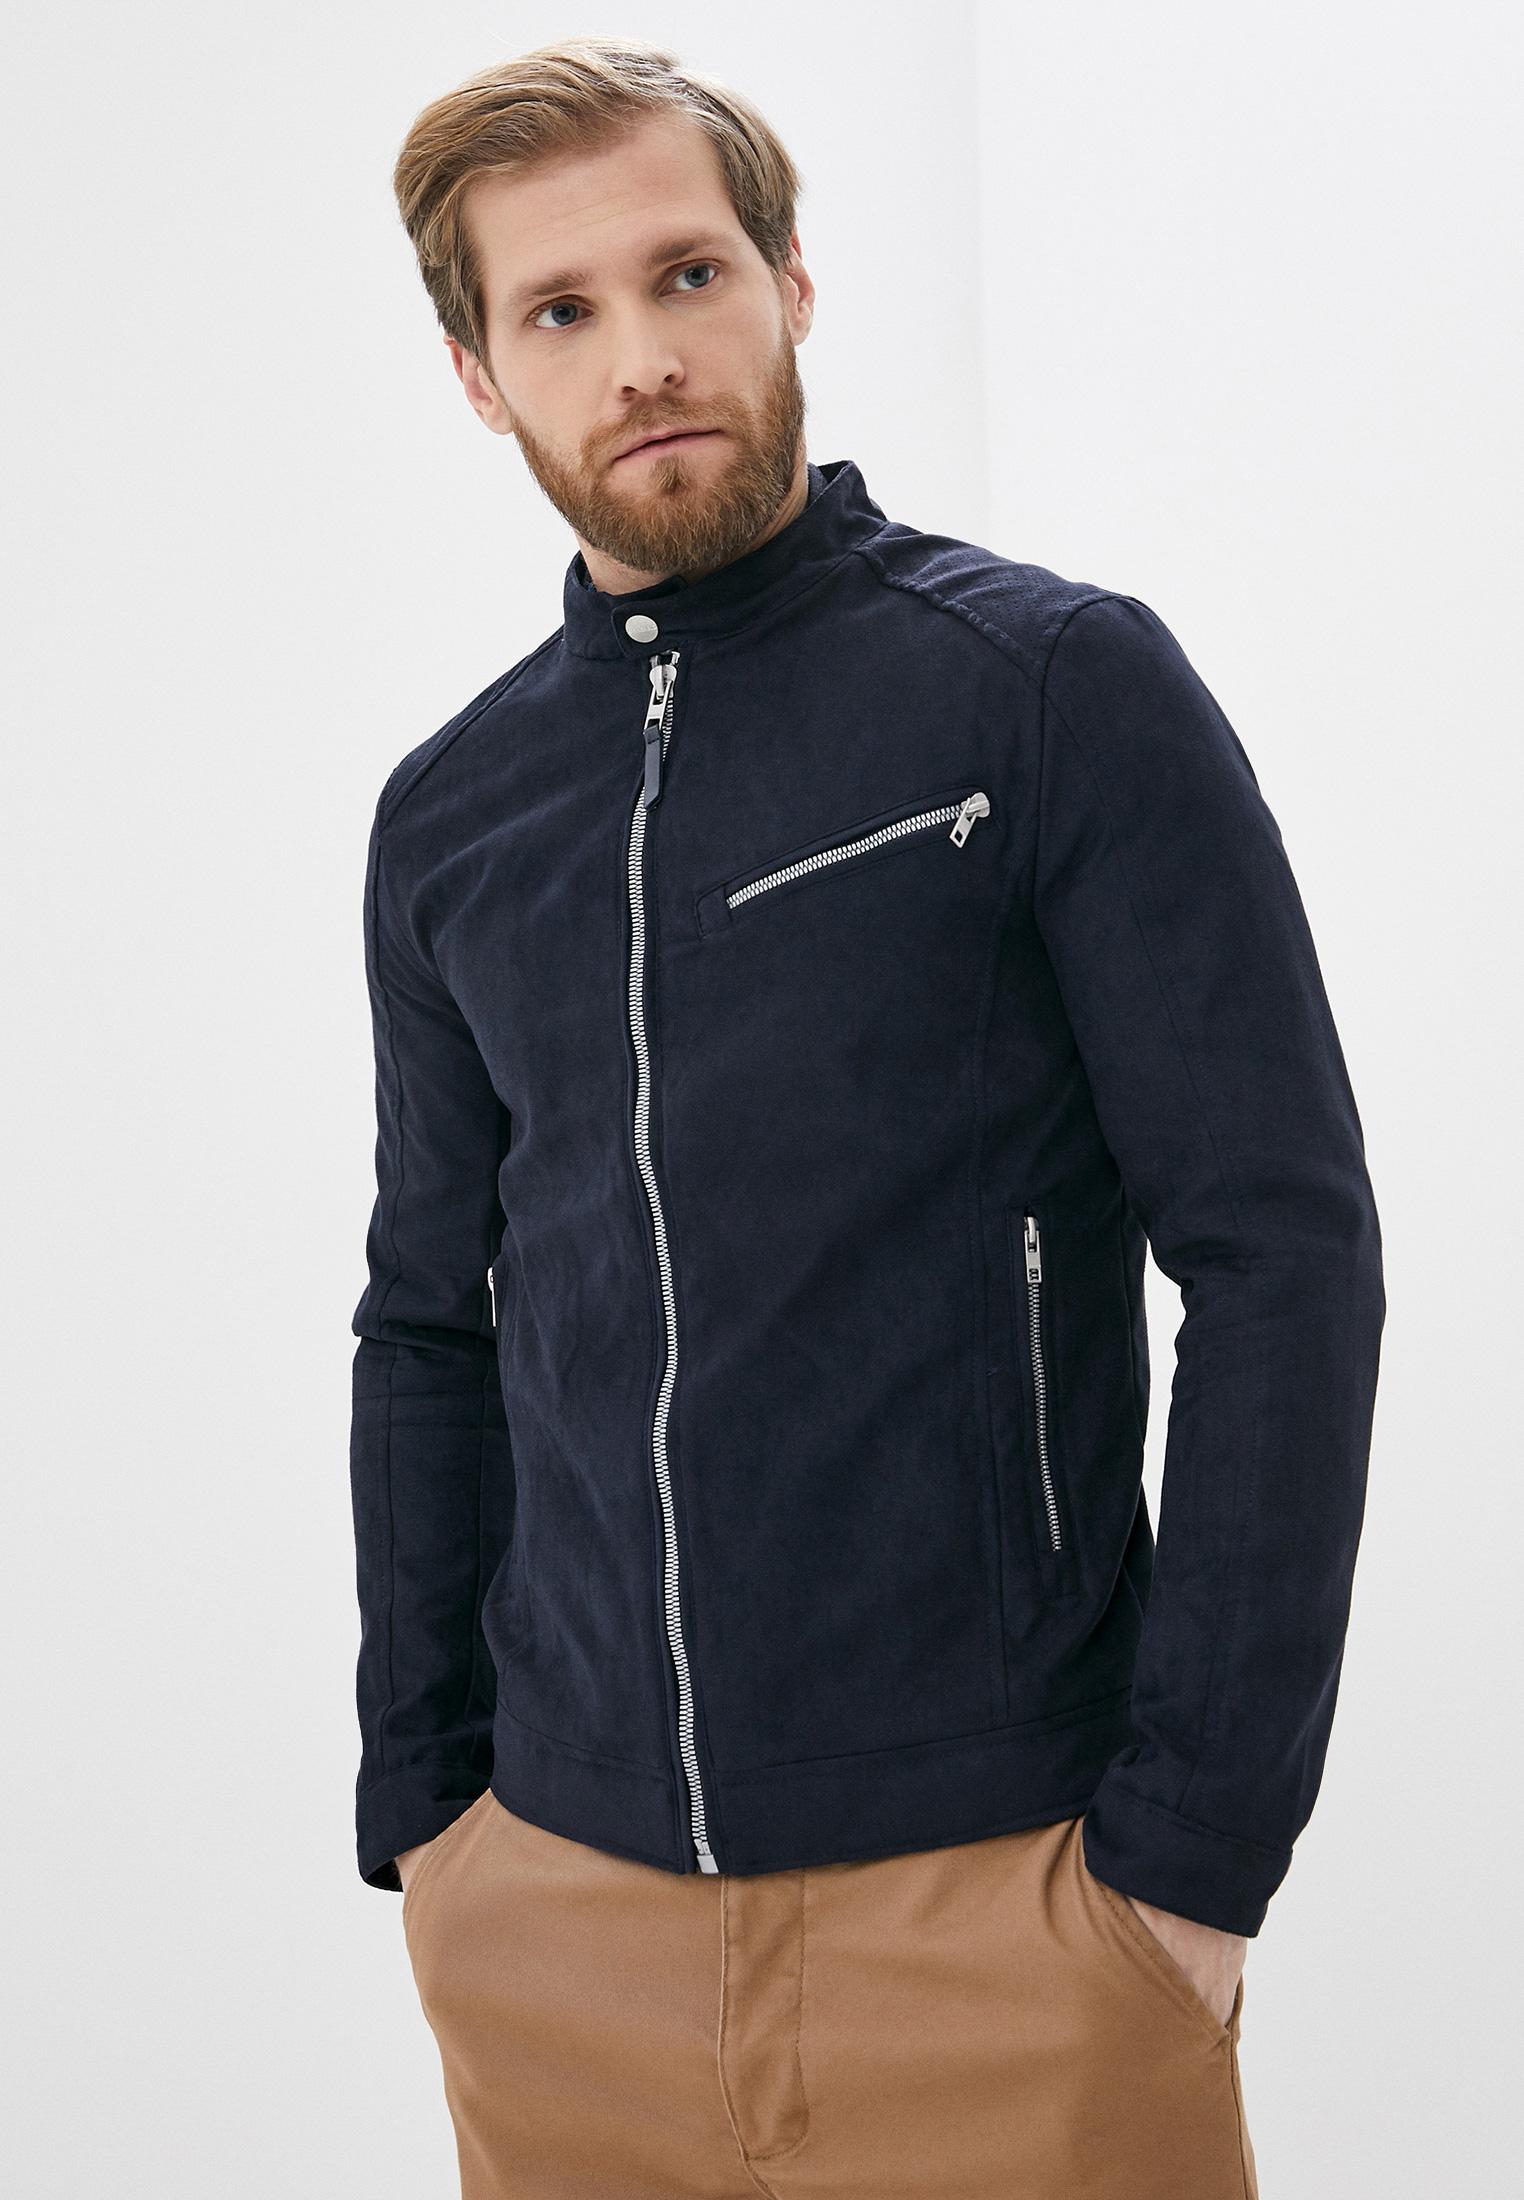 Куртка кожаная, Springfield, цвет: синий. Артикул: SP014EMHVGZ5. Одежда / Верхняя одежда / Кожаные куртки